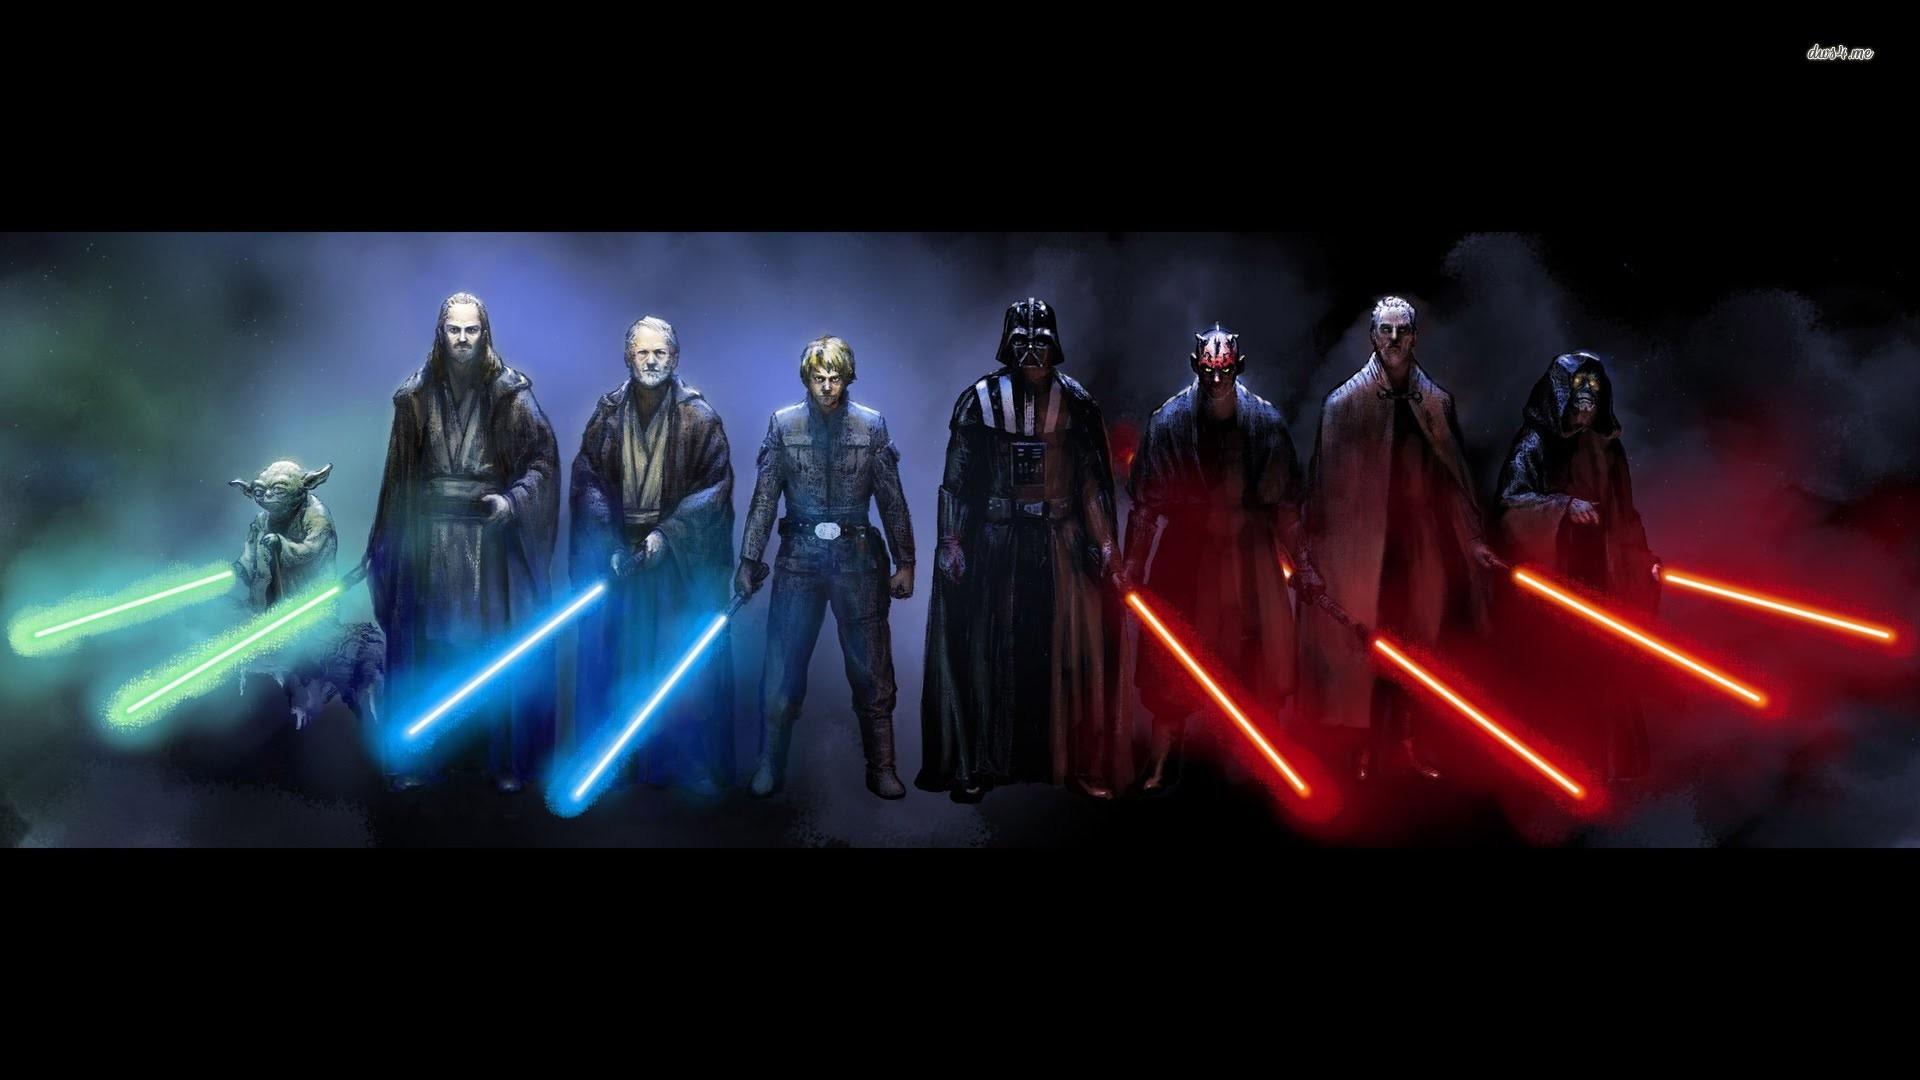 Star Wars Wallpaper For Pc – Best Wallpaper HD